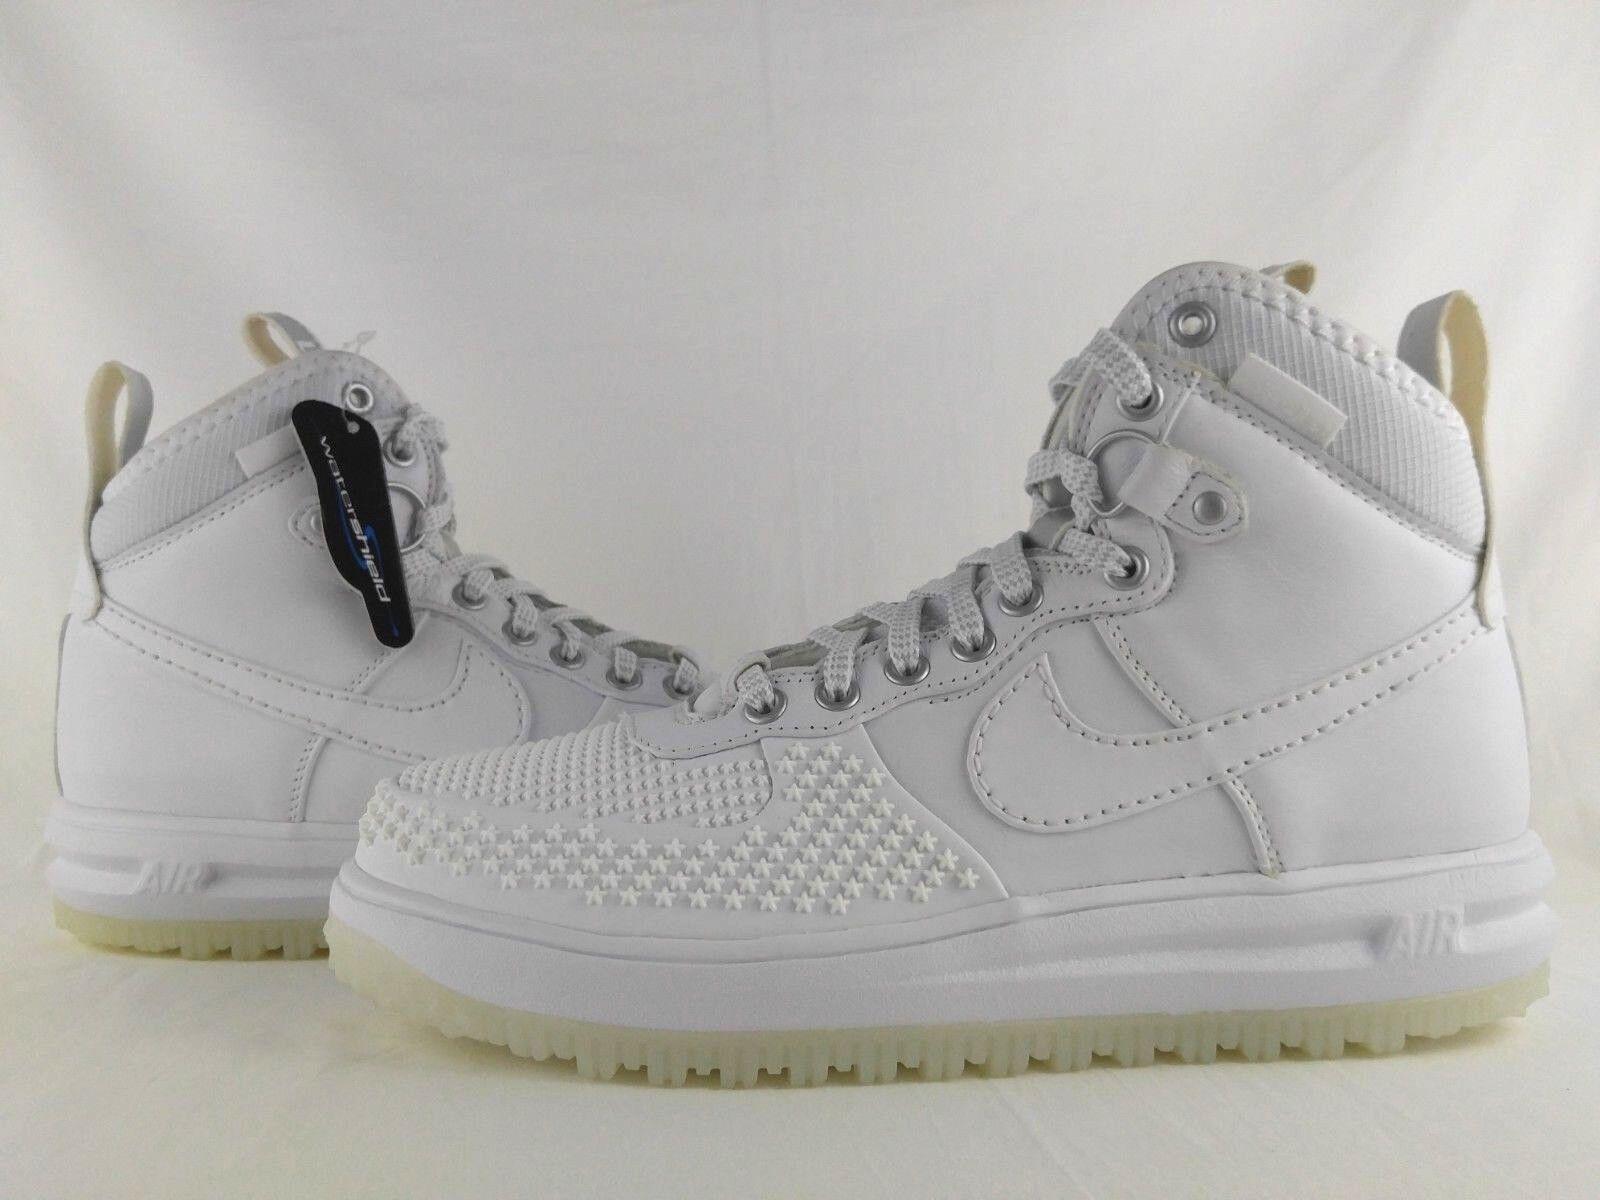 Nike Lunar Force 1 LF1 Duckboot Triple White Sneaker Boot Waterproof 805899-101